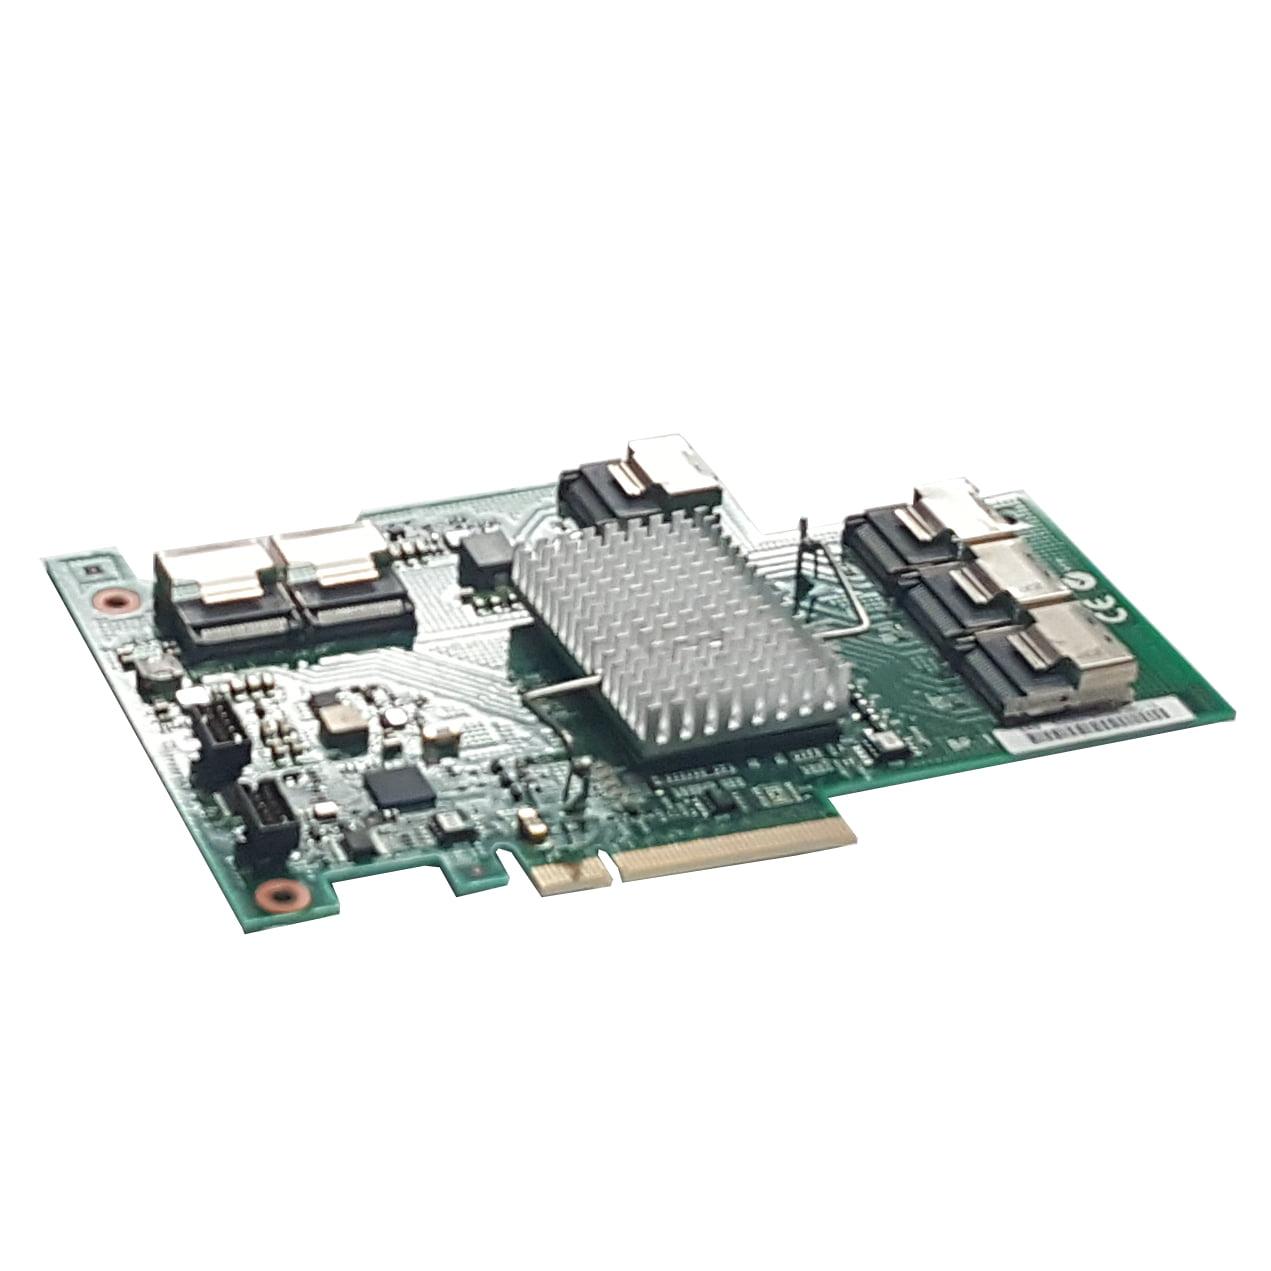 IBM 16 Port PCIe ServeRAID SAS SATA 6GB RAID Expansion Adapter 46M0997 Refurbished